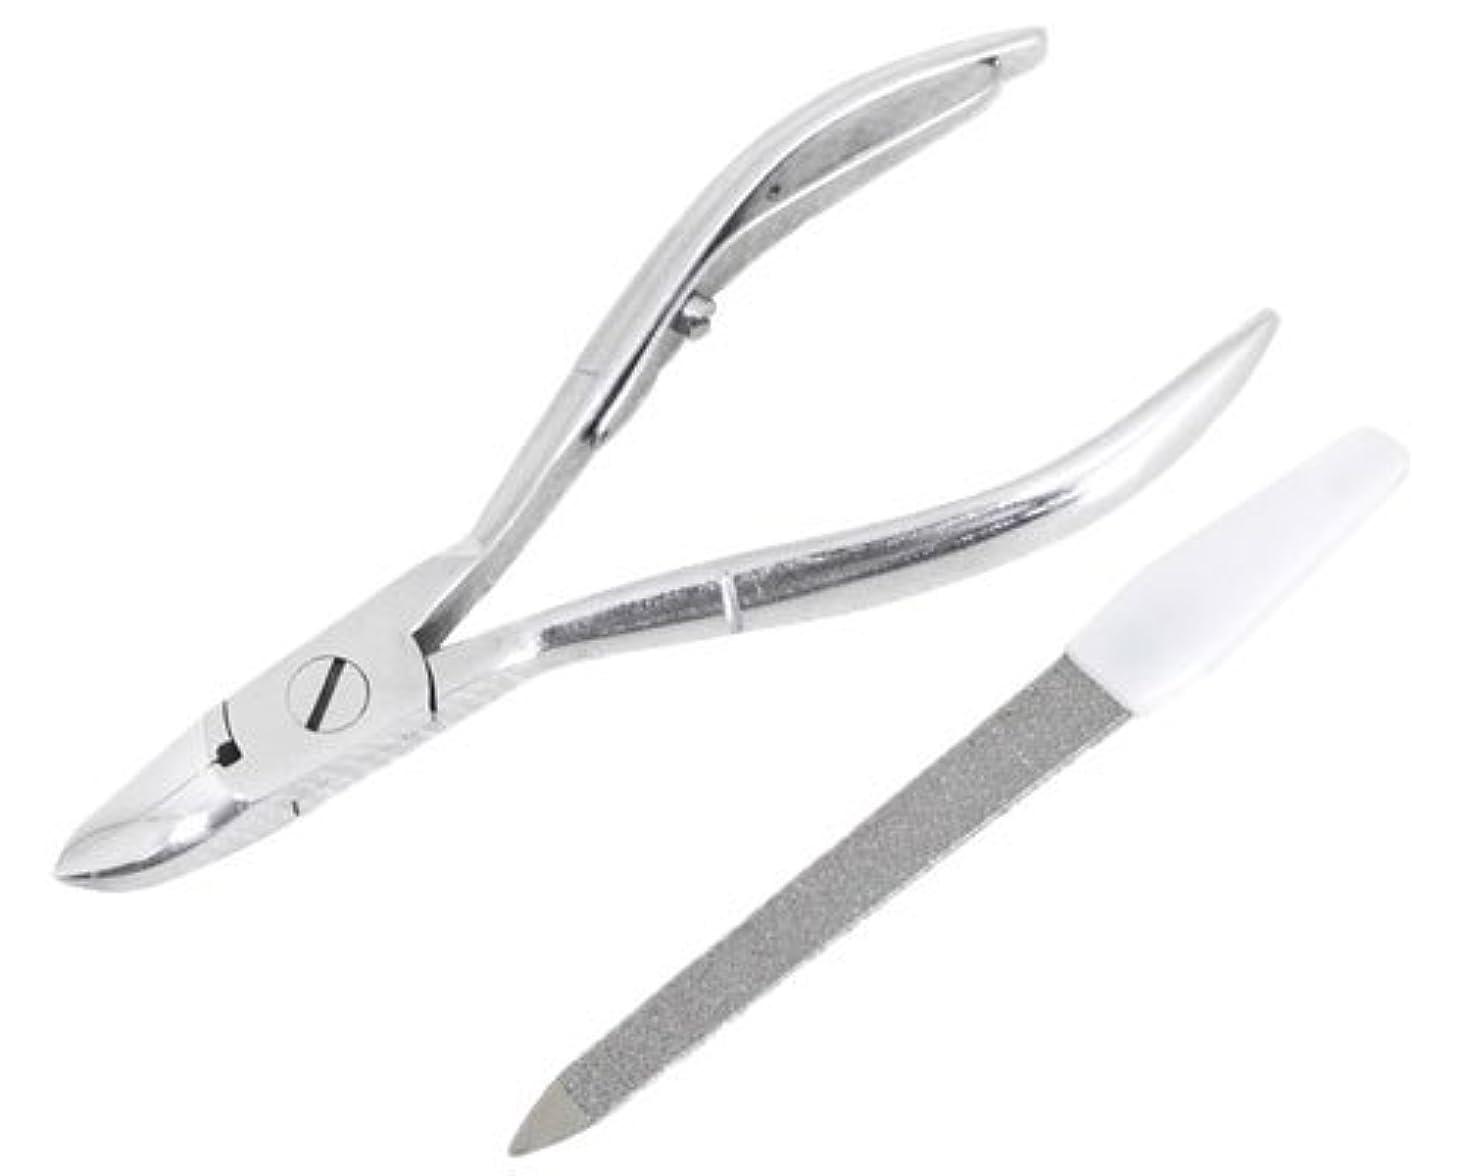 予算パニック独占ニッパー型爪切り 爪仕上げヤスリ付 F-21 (スミカマ)